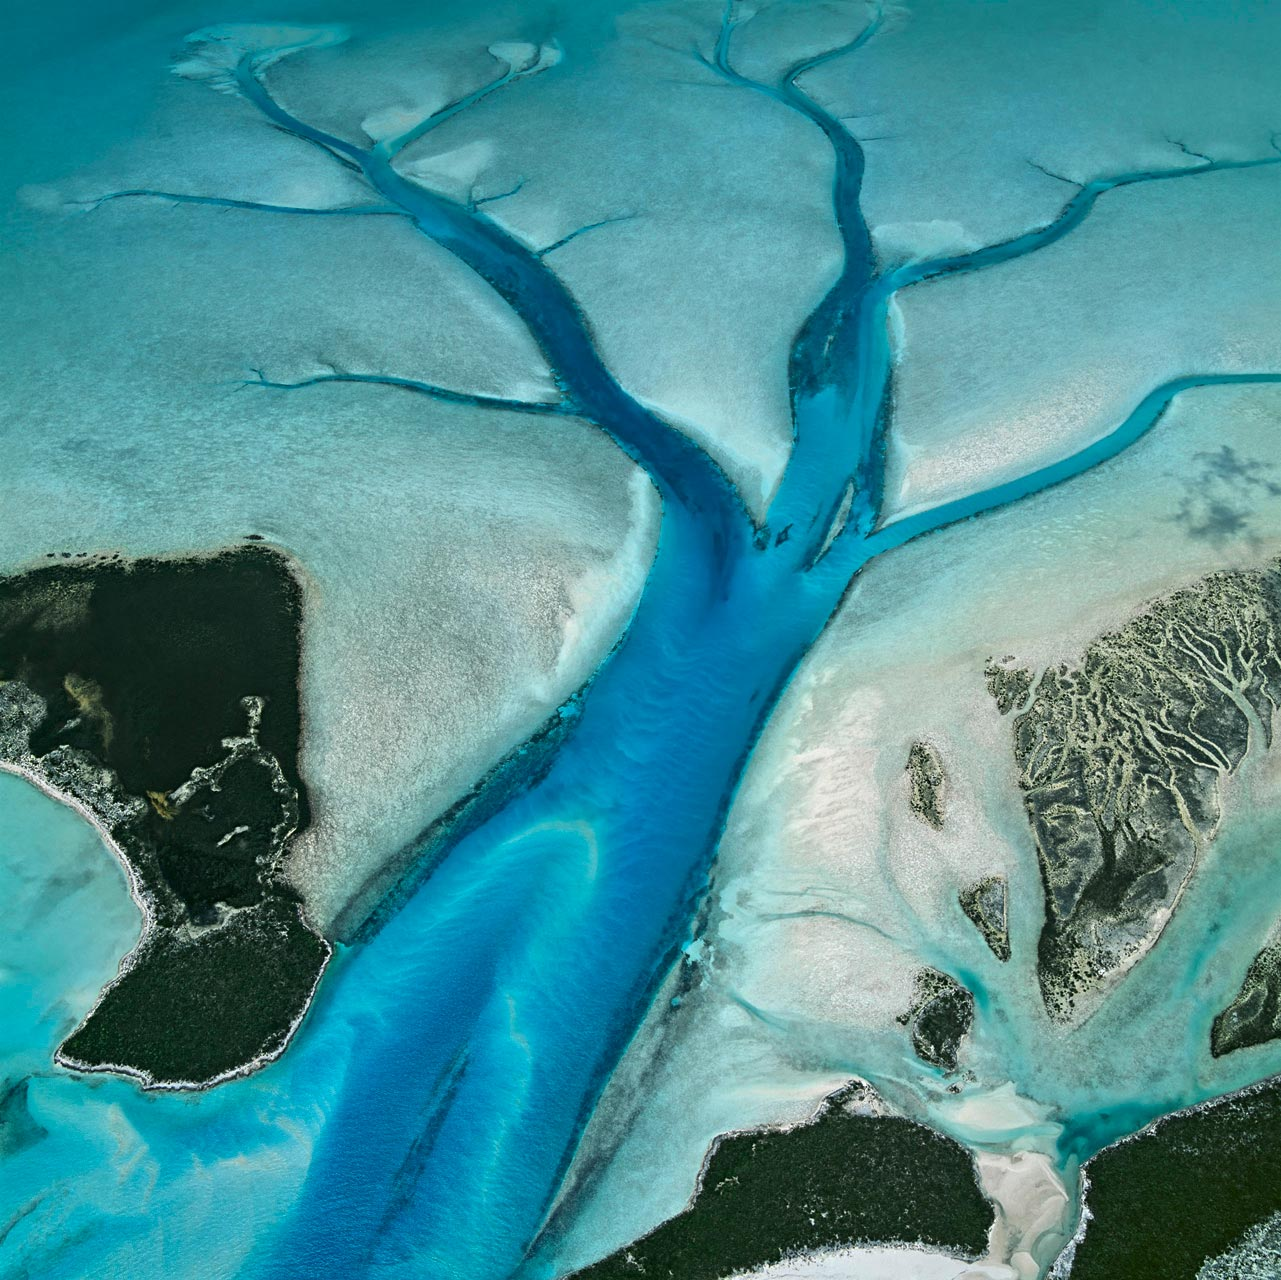 Der Tidenhub auf den Bahamas liegt bei etwa einem Meter. Bei Ebbe sammelt sich das Meerwasser in Prielen, tiefen Rinnen im weißen Kalkschlamm, die wie Adern den flachen Meeresboden durchziehen. Priel, Long Island, Bahamas. Foto: Bernhard Edmaier